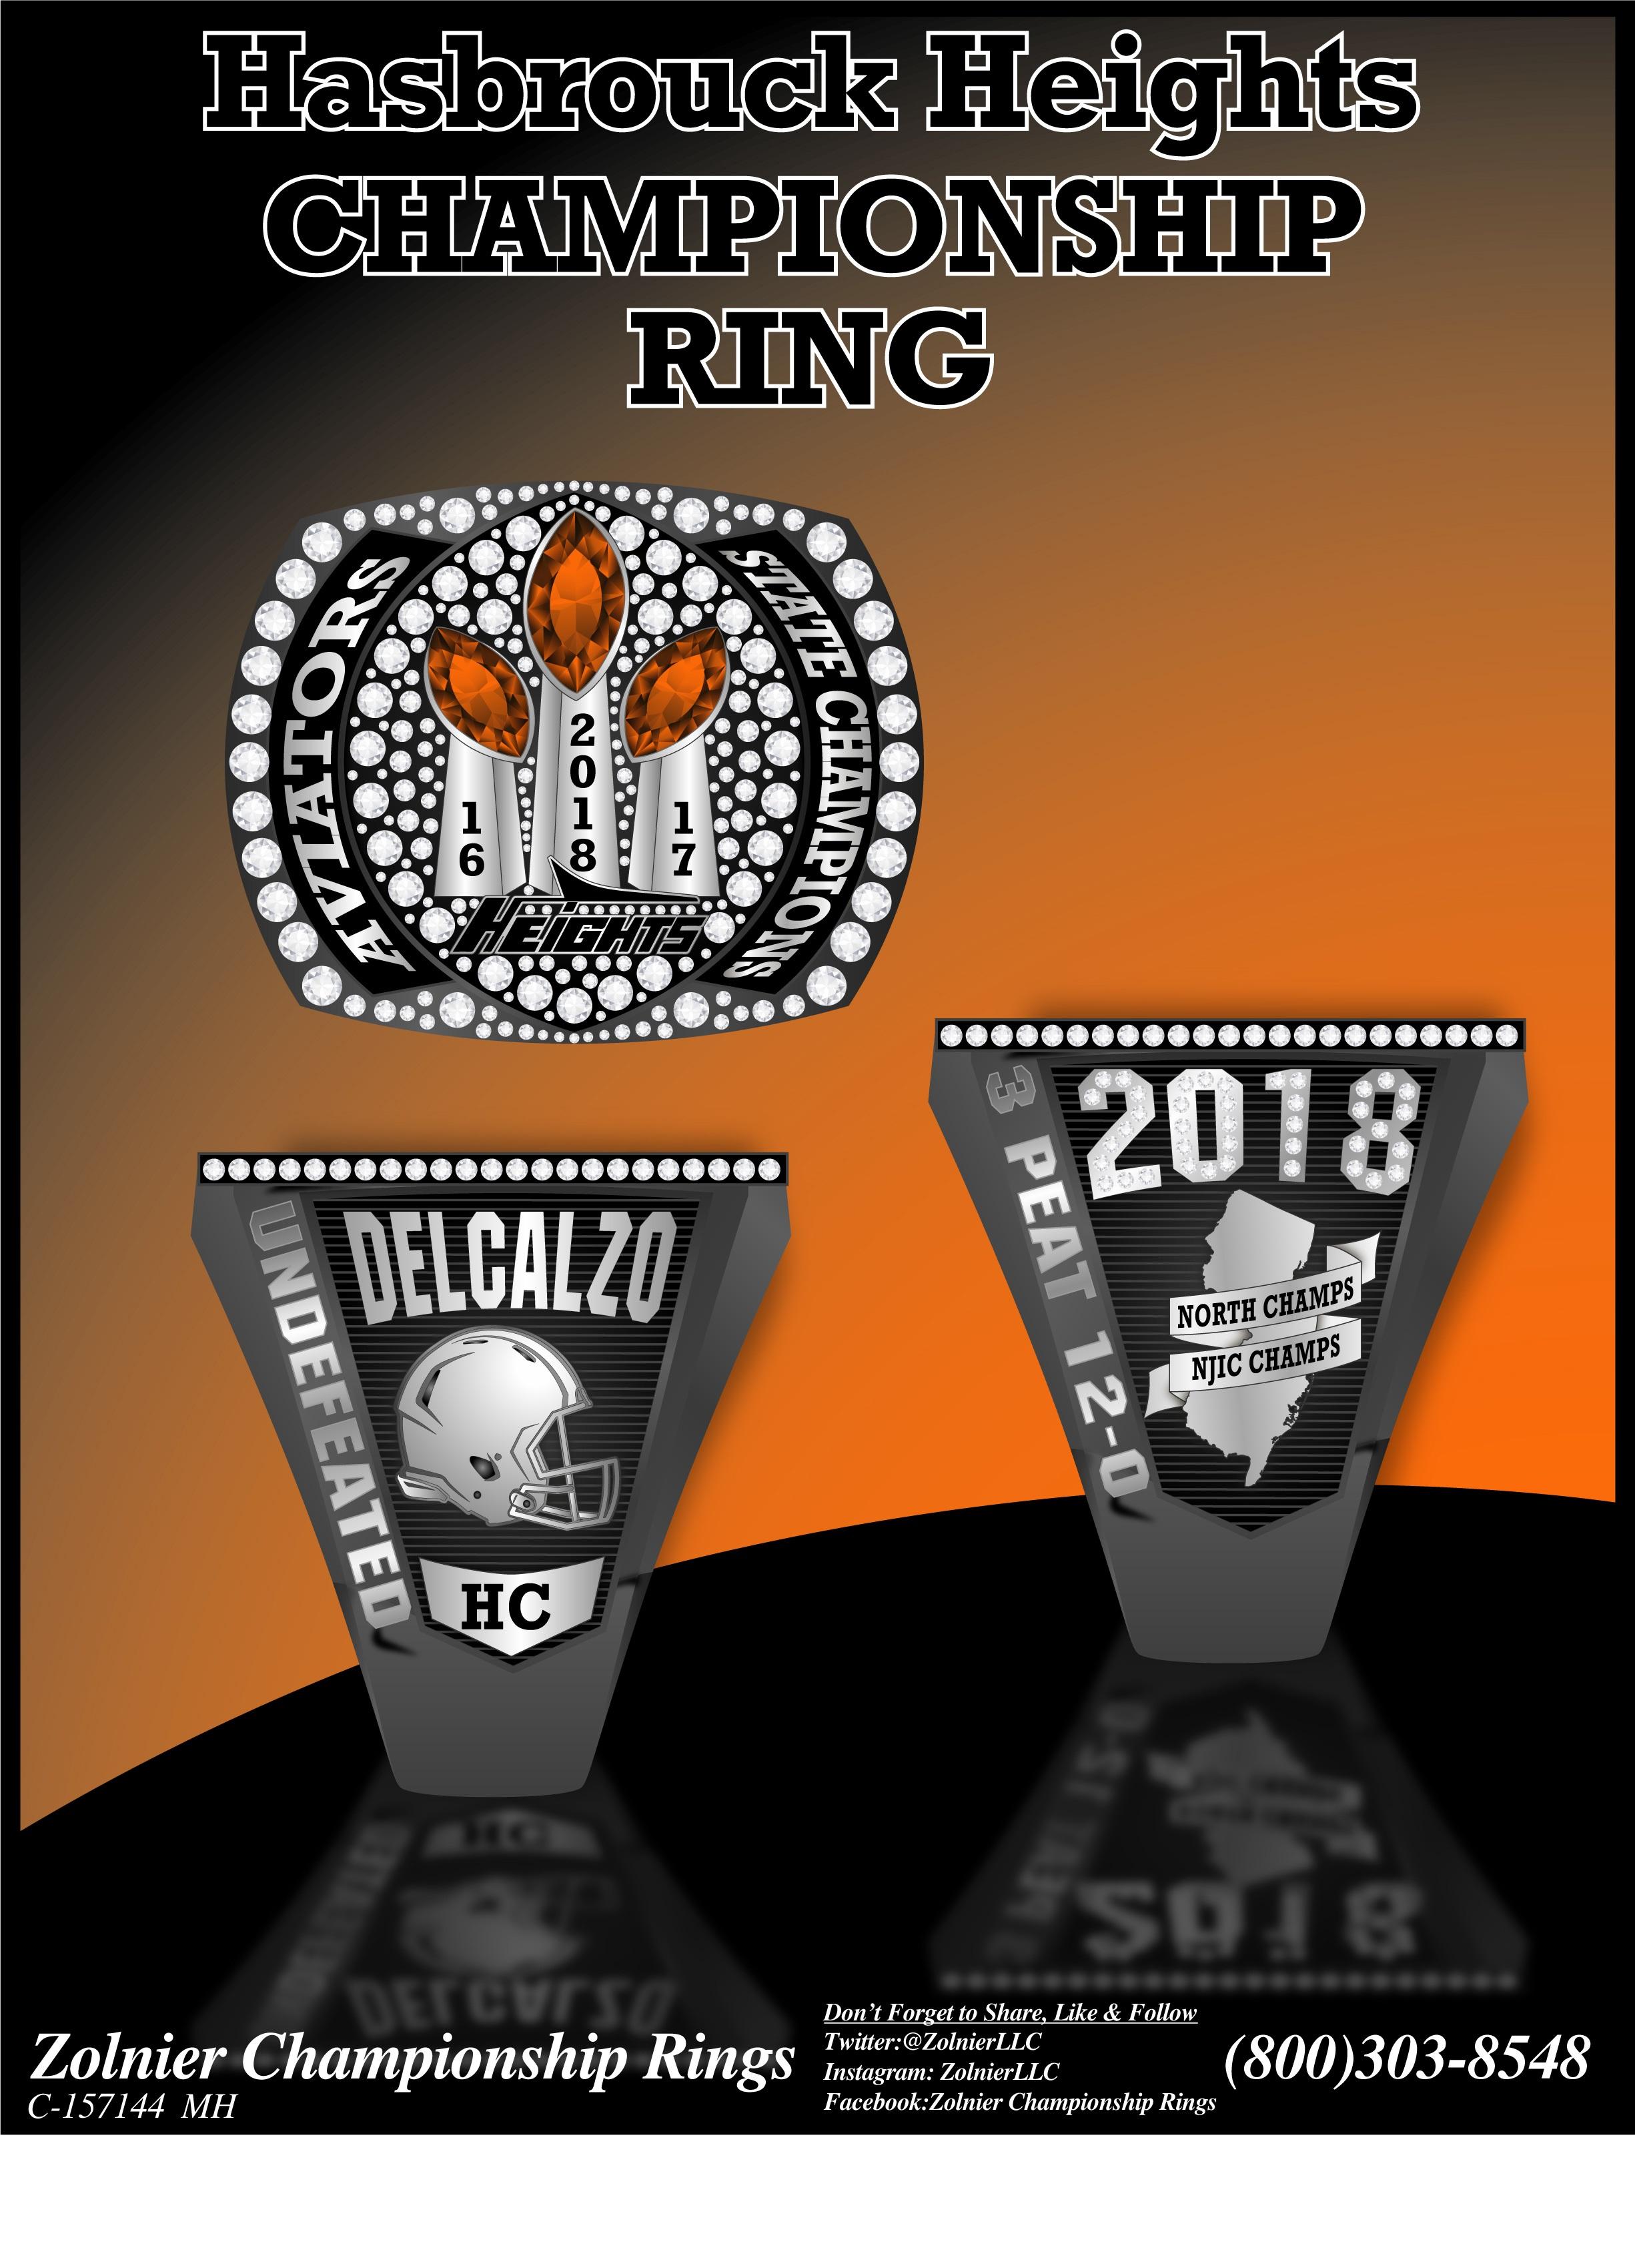 C-157144 ZOLNIER LLT Hasbrouck Heights Football Ring (1)